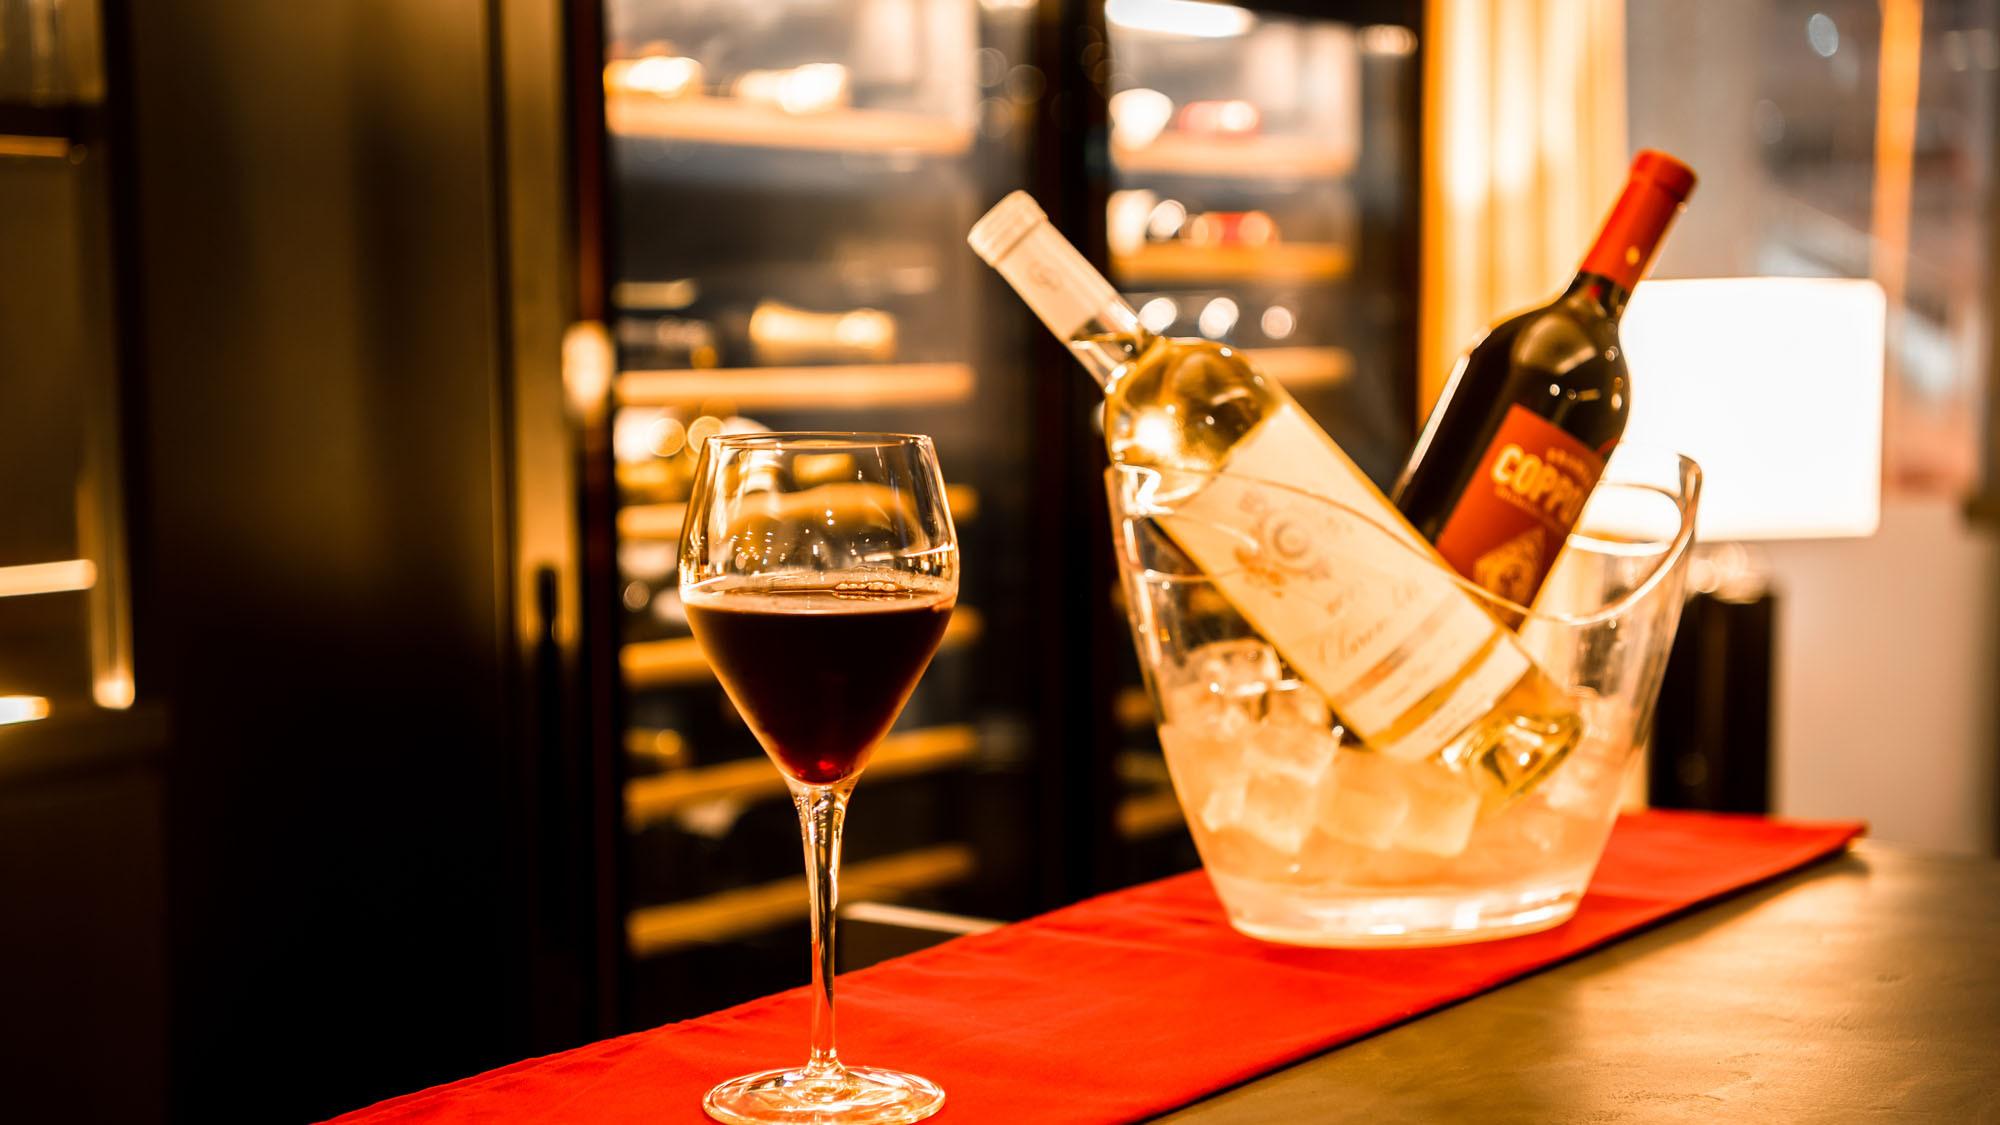 【Bar】美味しいお酒と楽しい時間